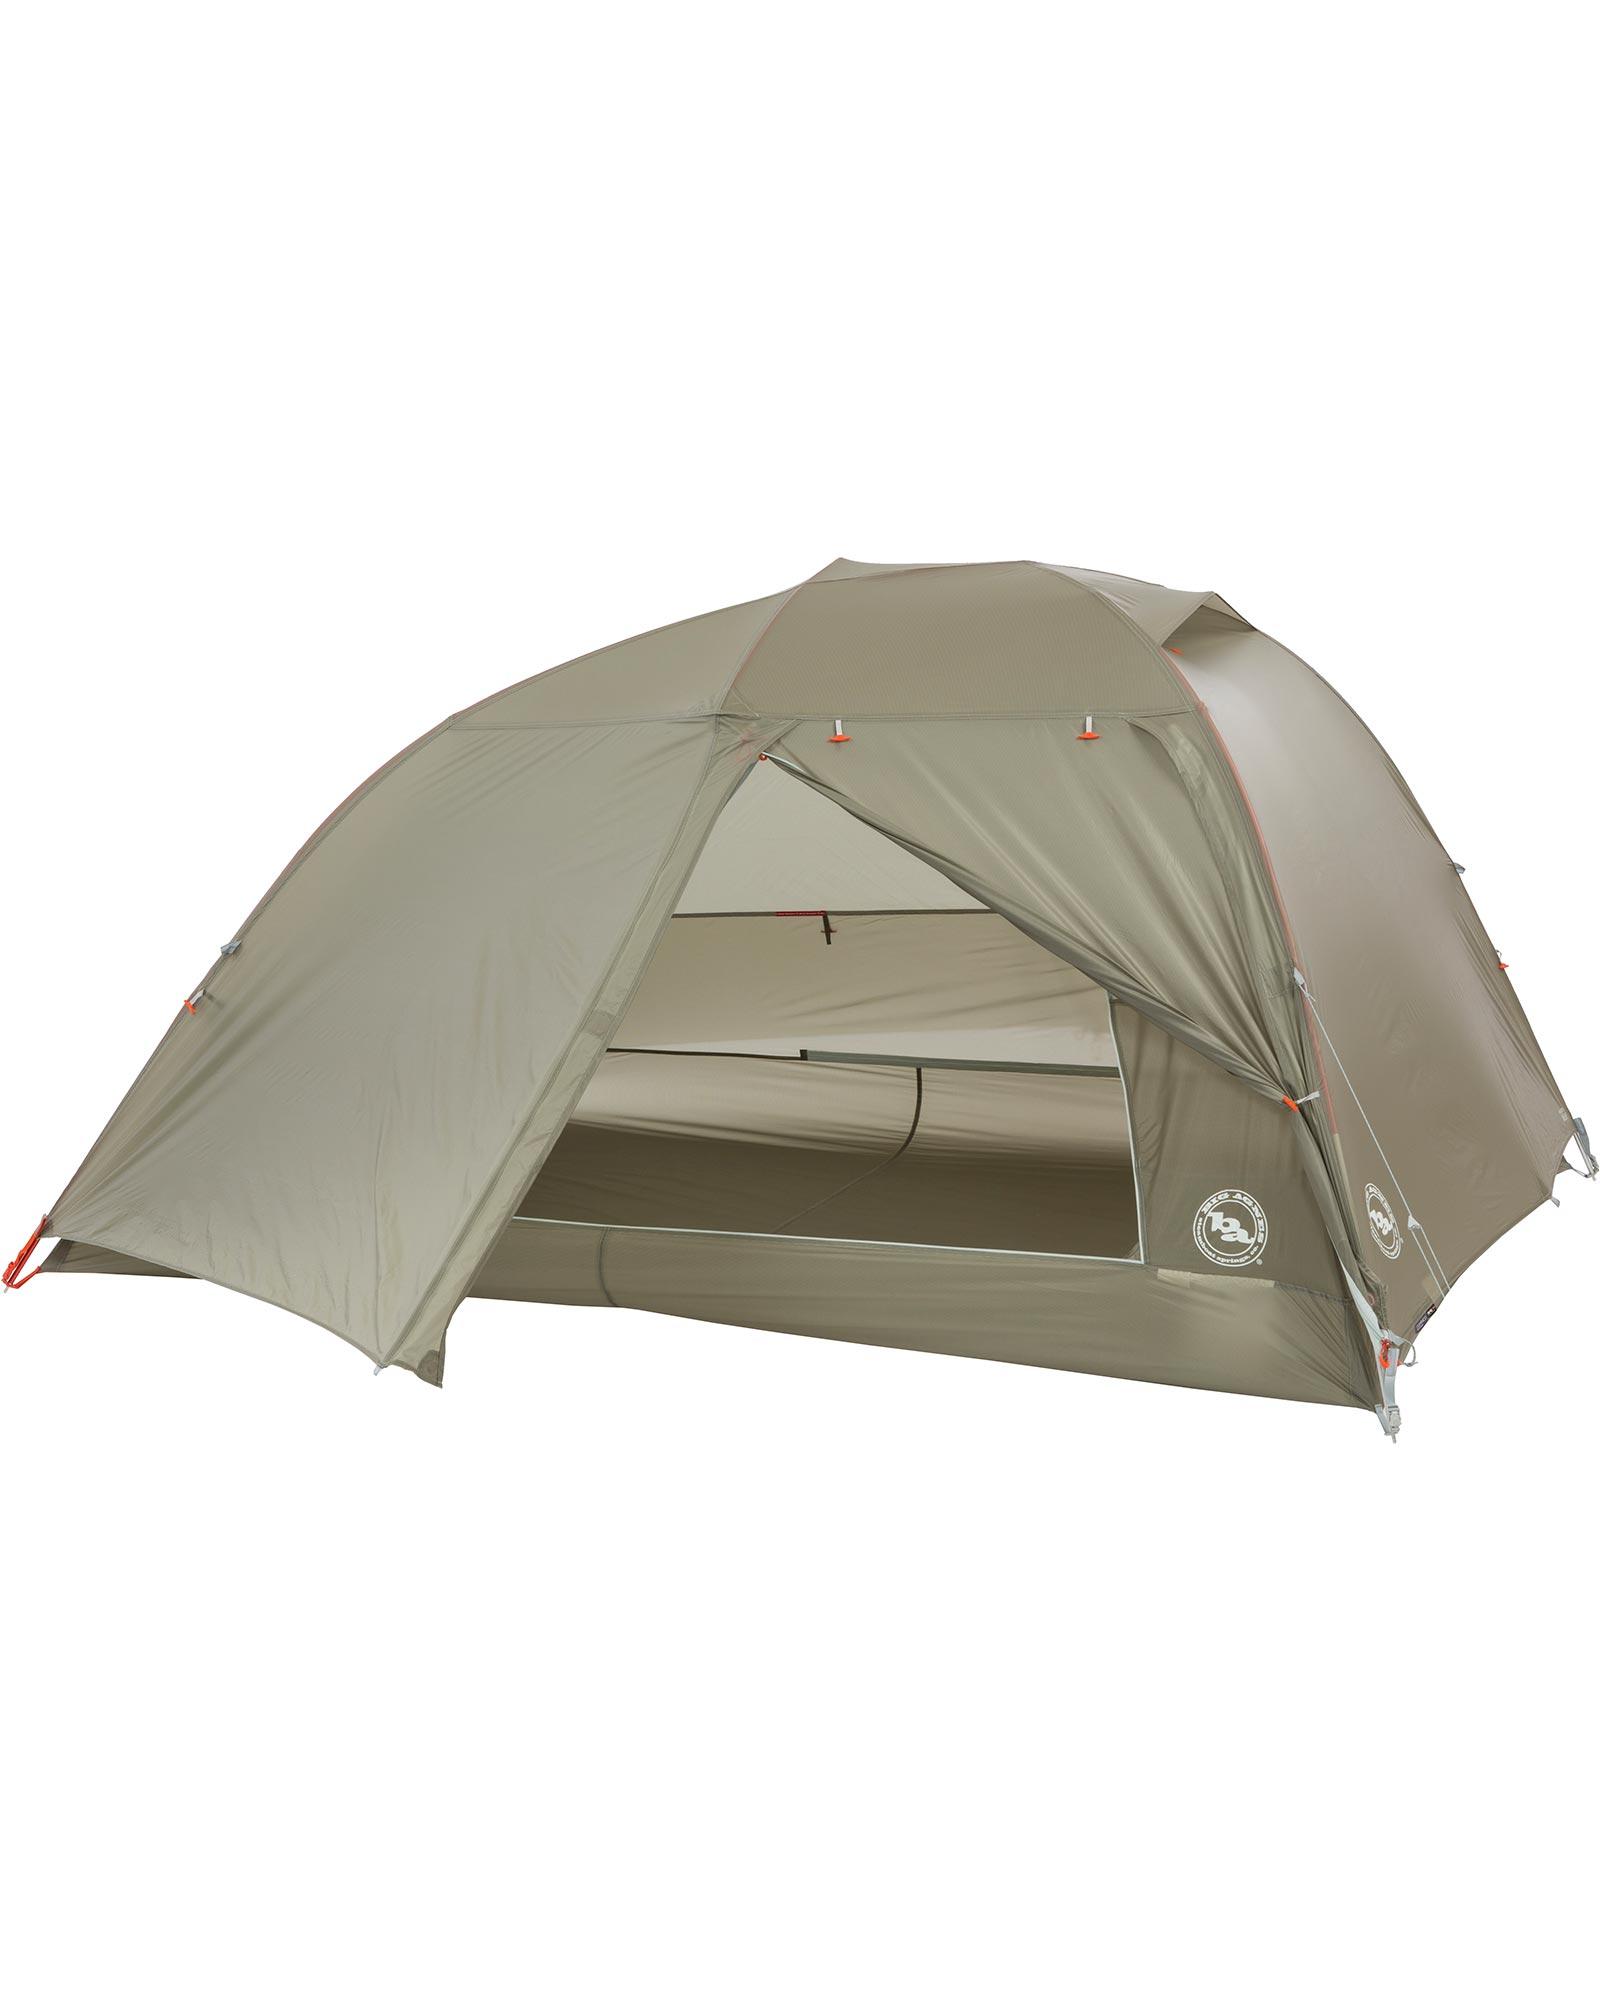 Big Agnes Copper Spur HV UL3 Tent 0